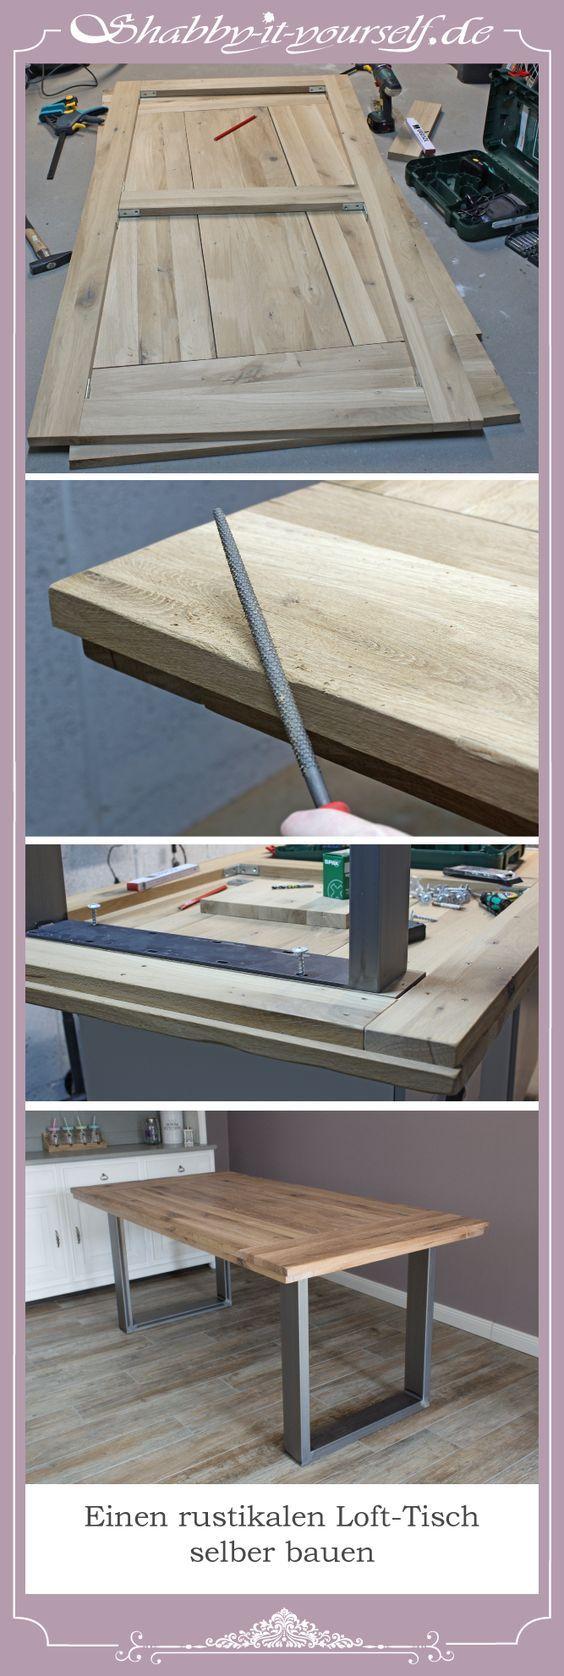 Aus einer Eichenholz-Arbeitsplatte einen rustikalen Loft-Tisch selbst bauen. Das Holz habe ich durch Bürsten künstlich altern lassen und es abschließend mit weißen Hartwachsöl versiegelt. Build your own loft apartment table! Besucht meine Seite, folgt mir und lasst Euch von immer neuen Projekten inspirieren! Follow me an get inspired! Webseite: http://www.shabby-it-yourself.de/ Facebook: https://www.facebook.com/shabbyityourself Instagram: https://www.instagram.com/shabbyityourself/